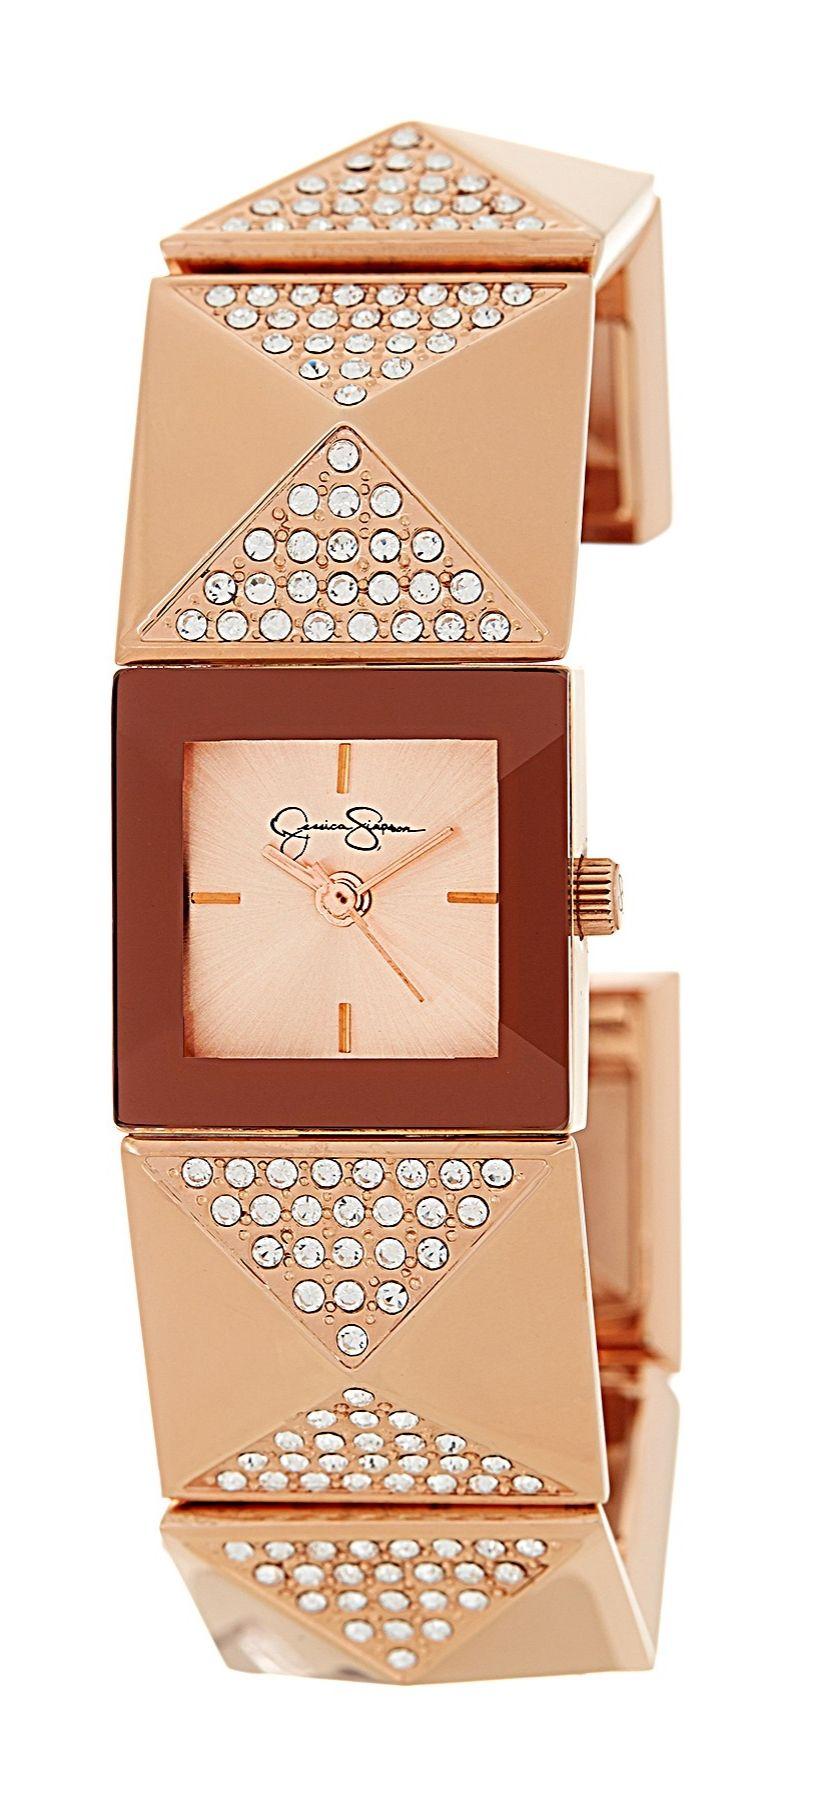 Looks like a cute bracelet! Jessica Simpson Pave Pyramid Stud Watch | HauteLook